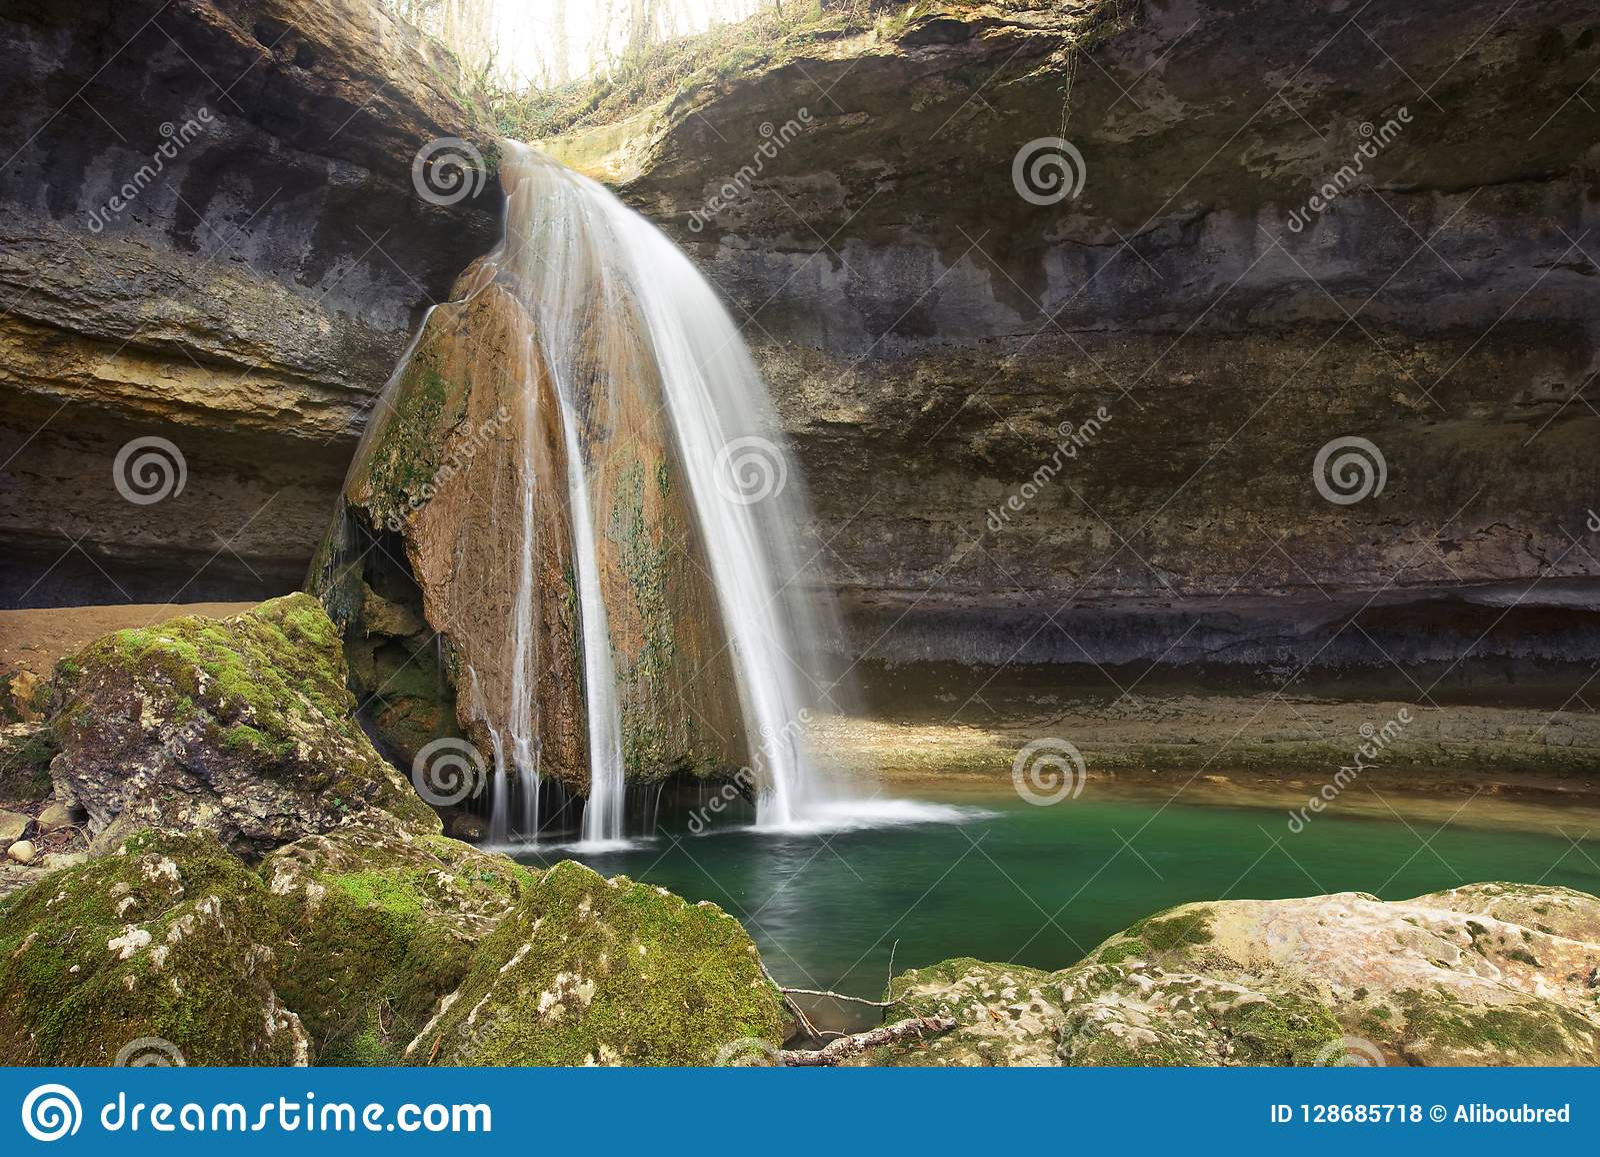 Cascata in una cavità della roccia